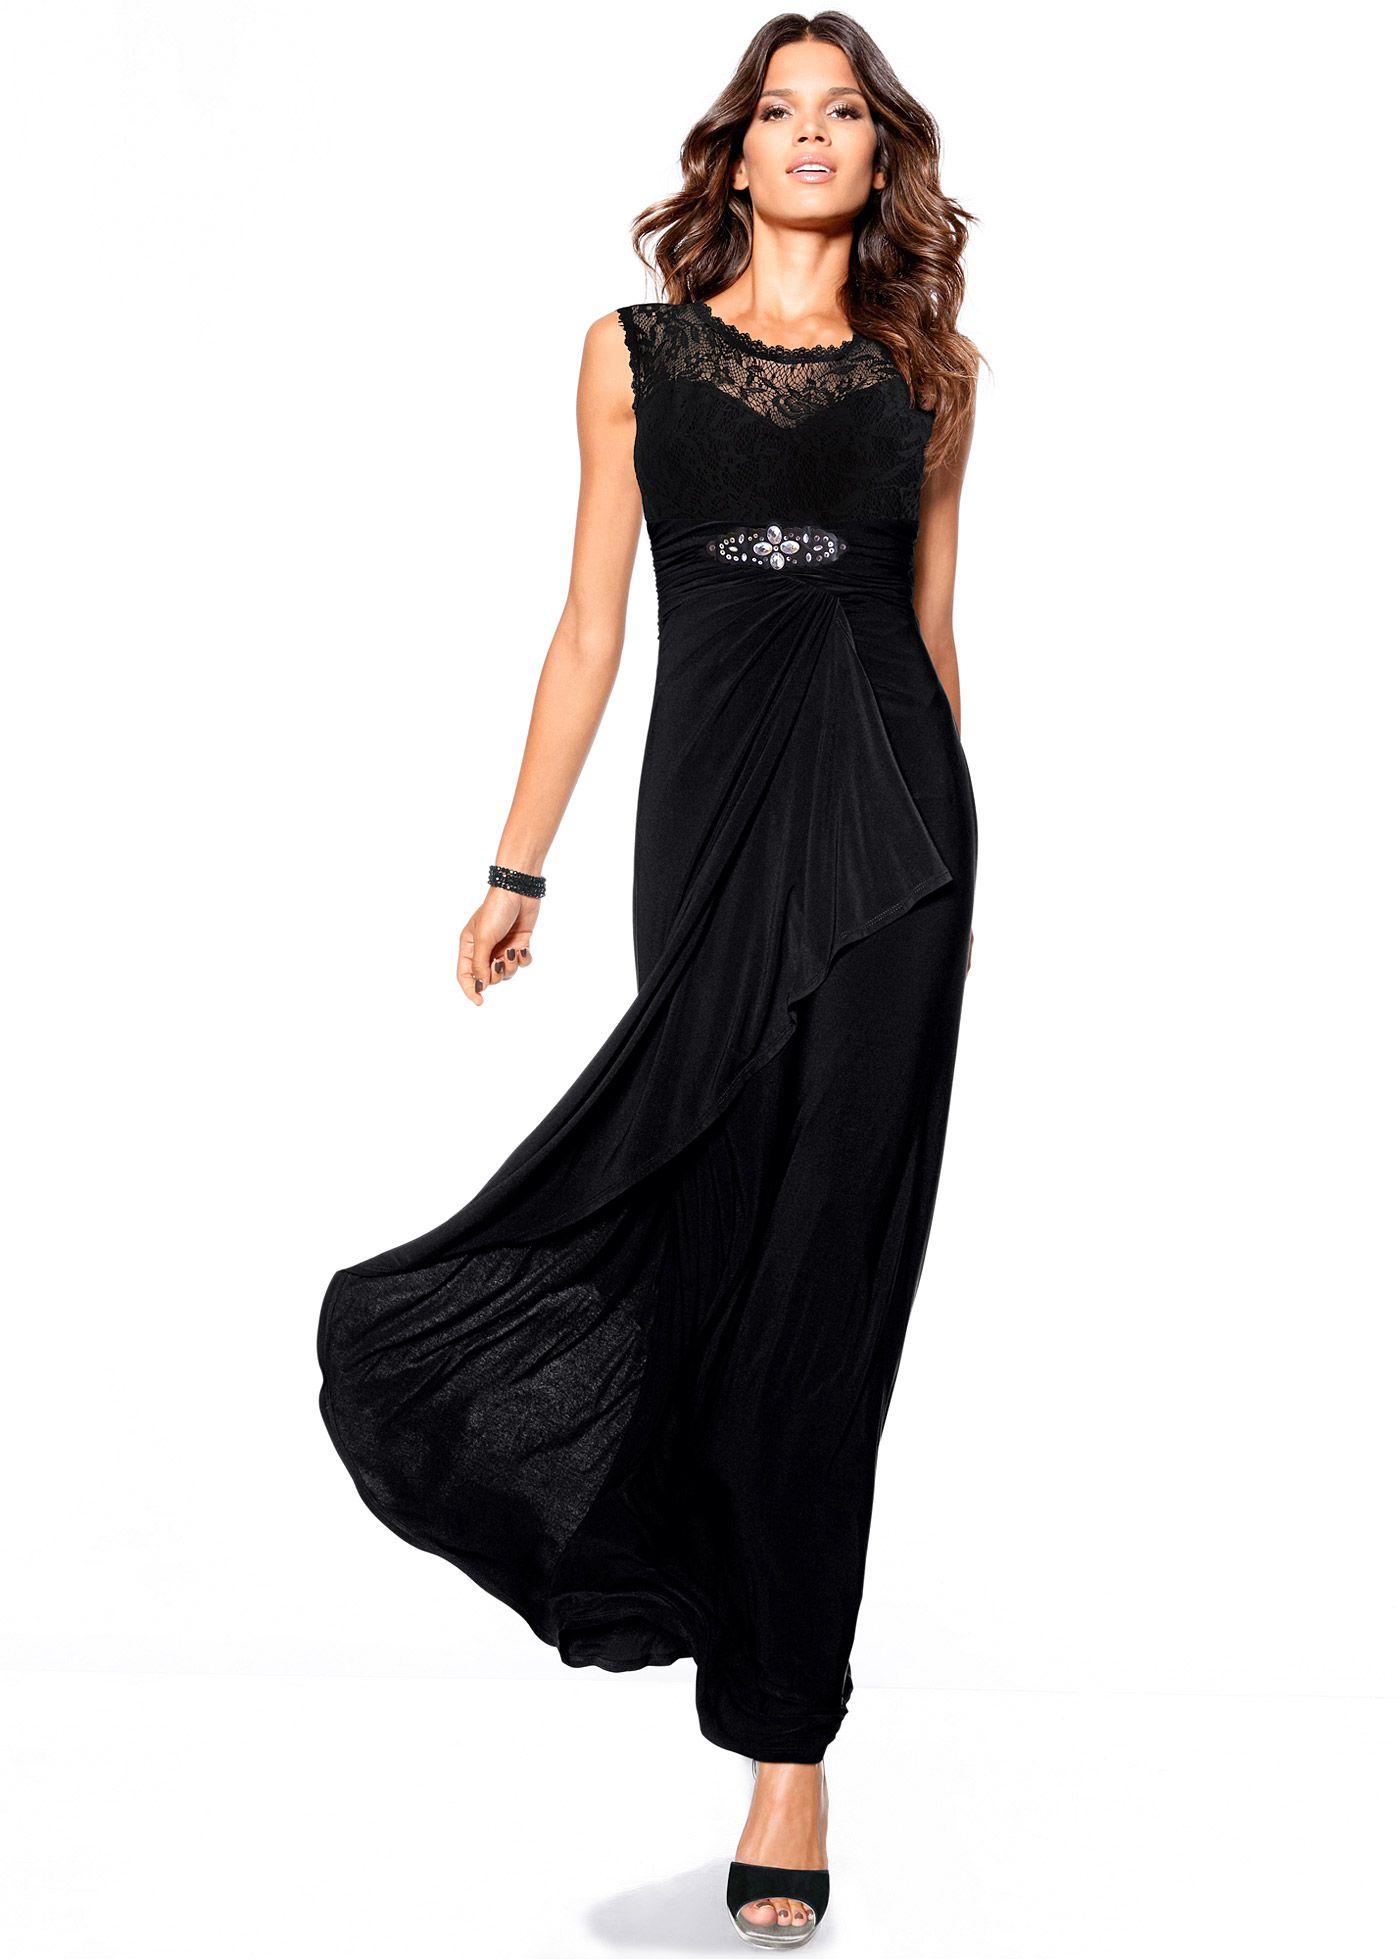 d5ada7615f Vestido longo com renda preto encomendar agora na loja on-line bonprix.de  R  199